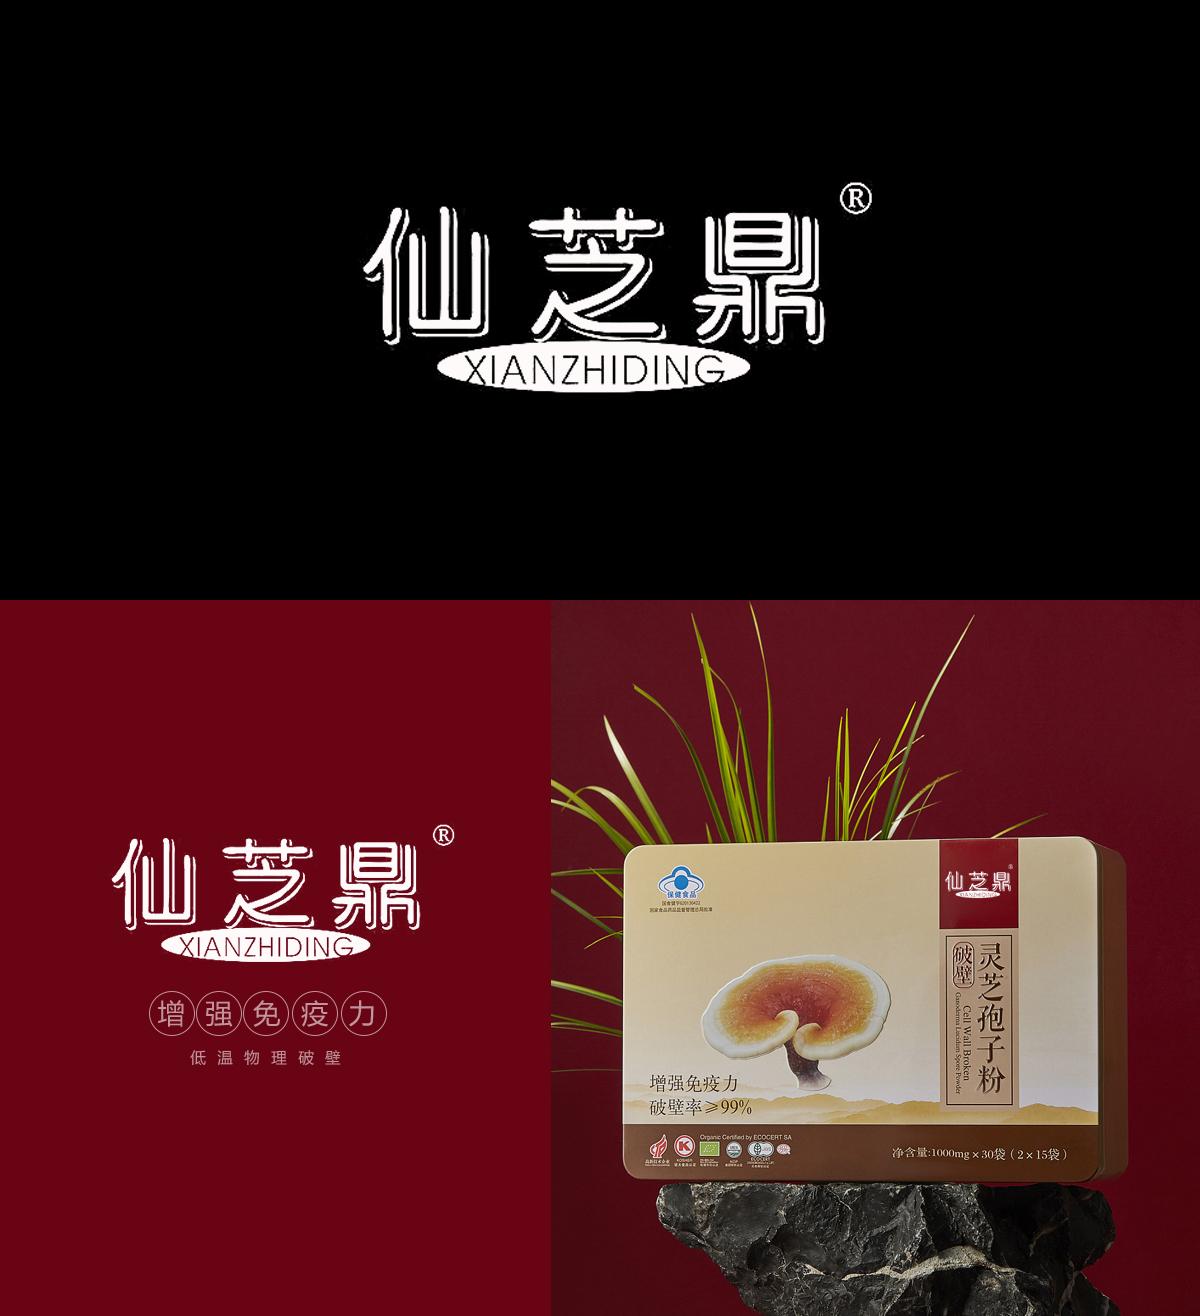 仙芝鼎,XIANZHIDING